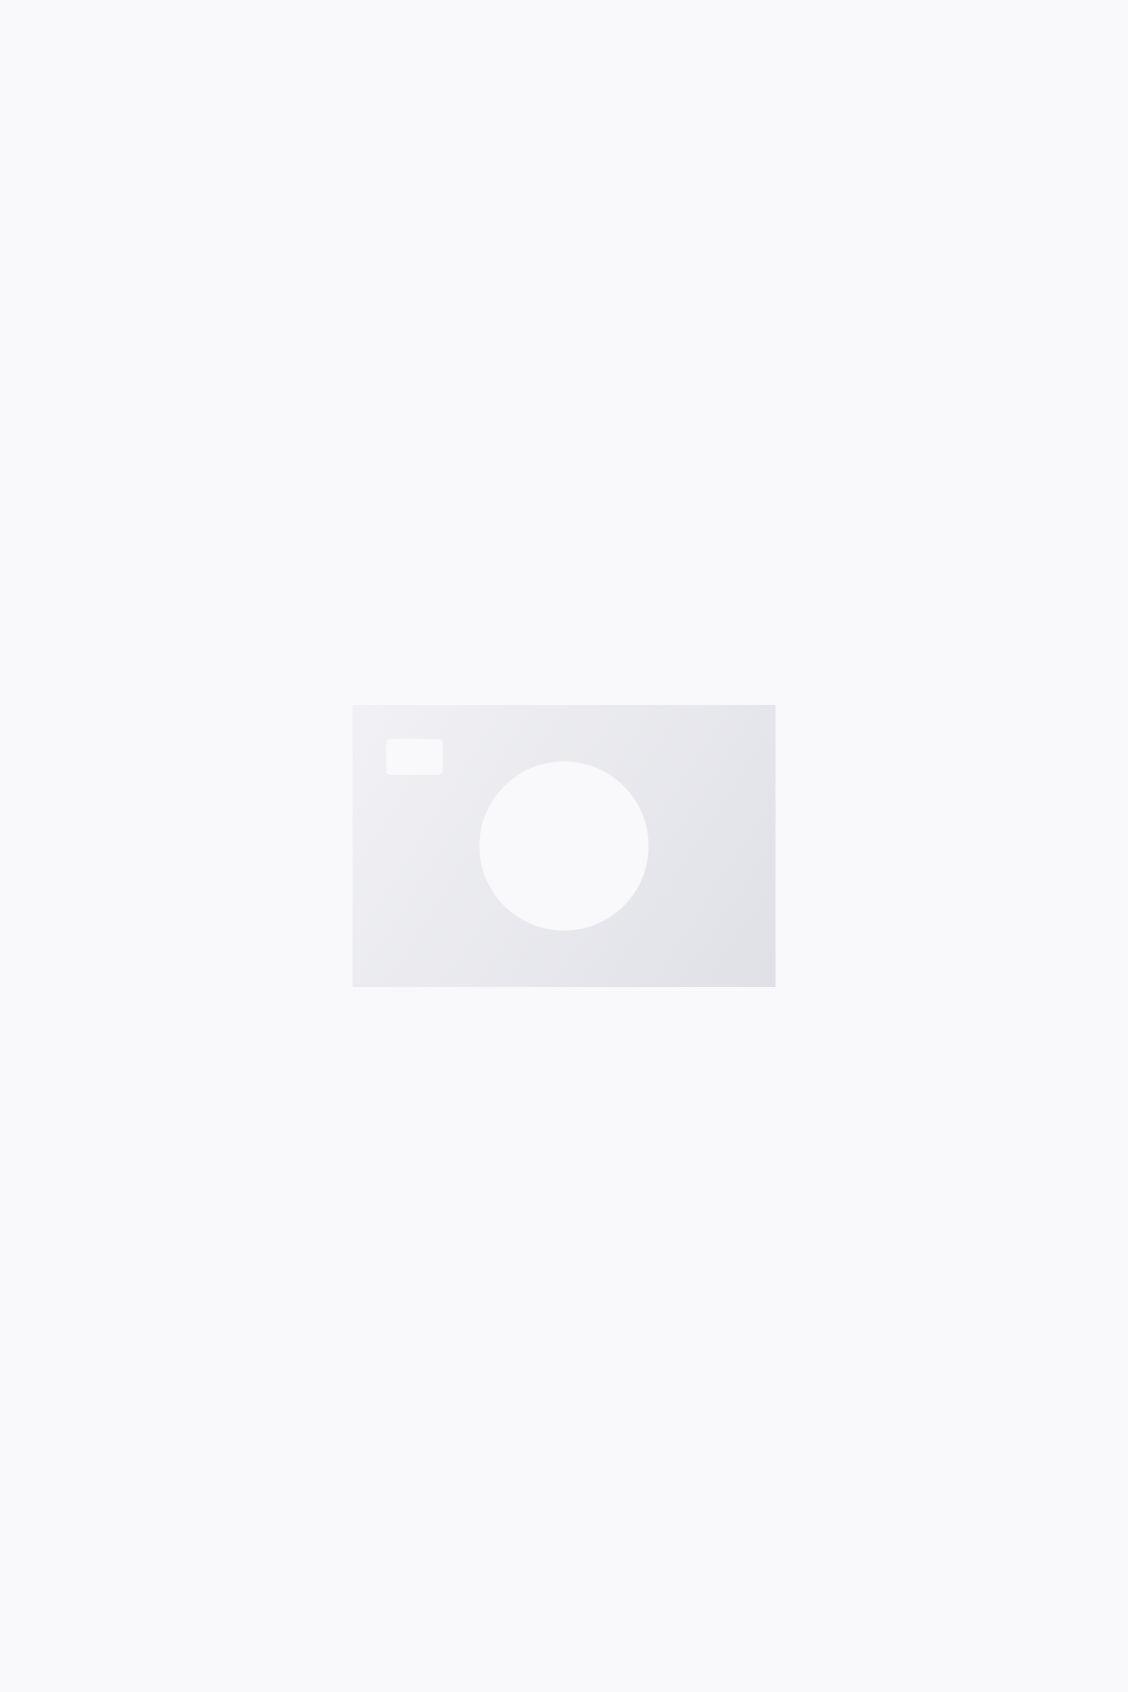 코스 티셔츠 COS SLIM-FIT LONG-SLEEVE T-SHIRT,DARK TEAL / WHITE